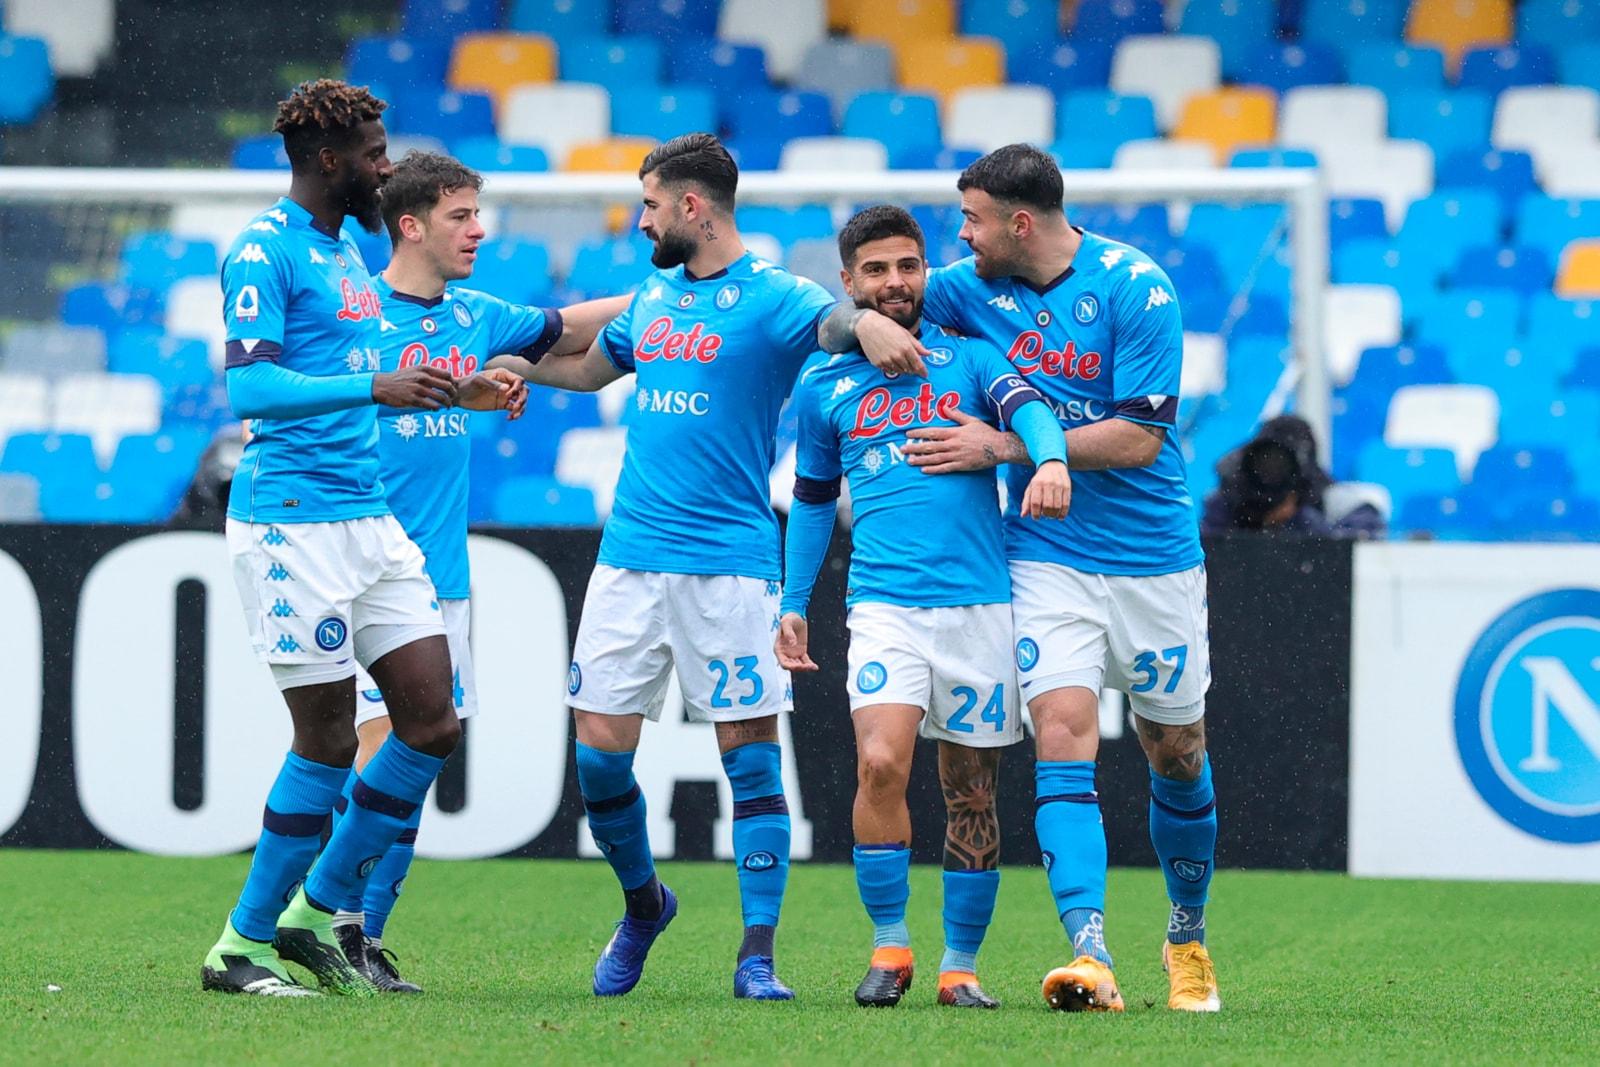 Il Napoli è pronto alla Supercoppa contro la Juve: 6-0 alla Fiorentina!